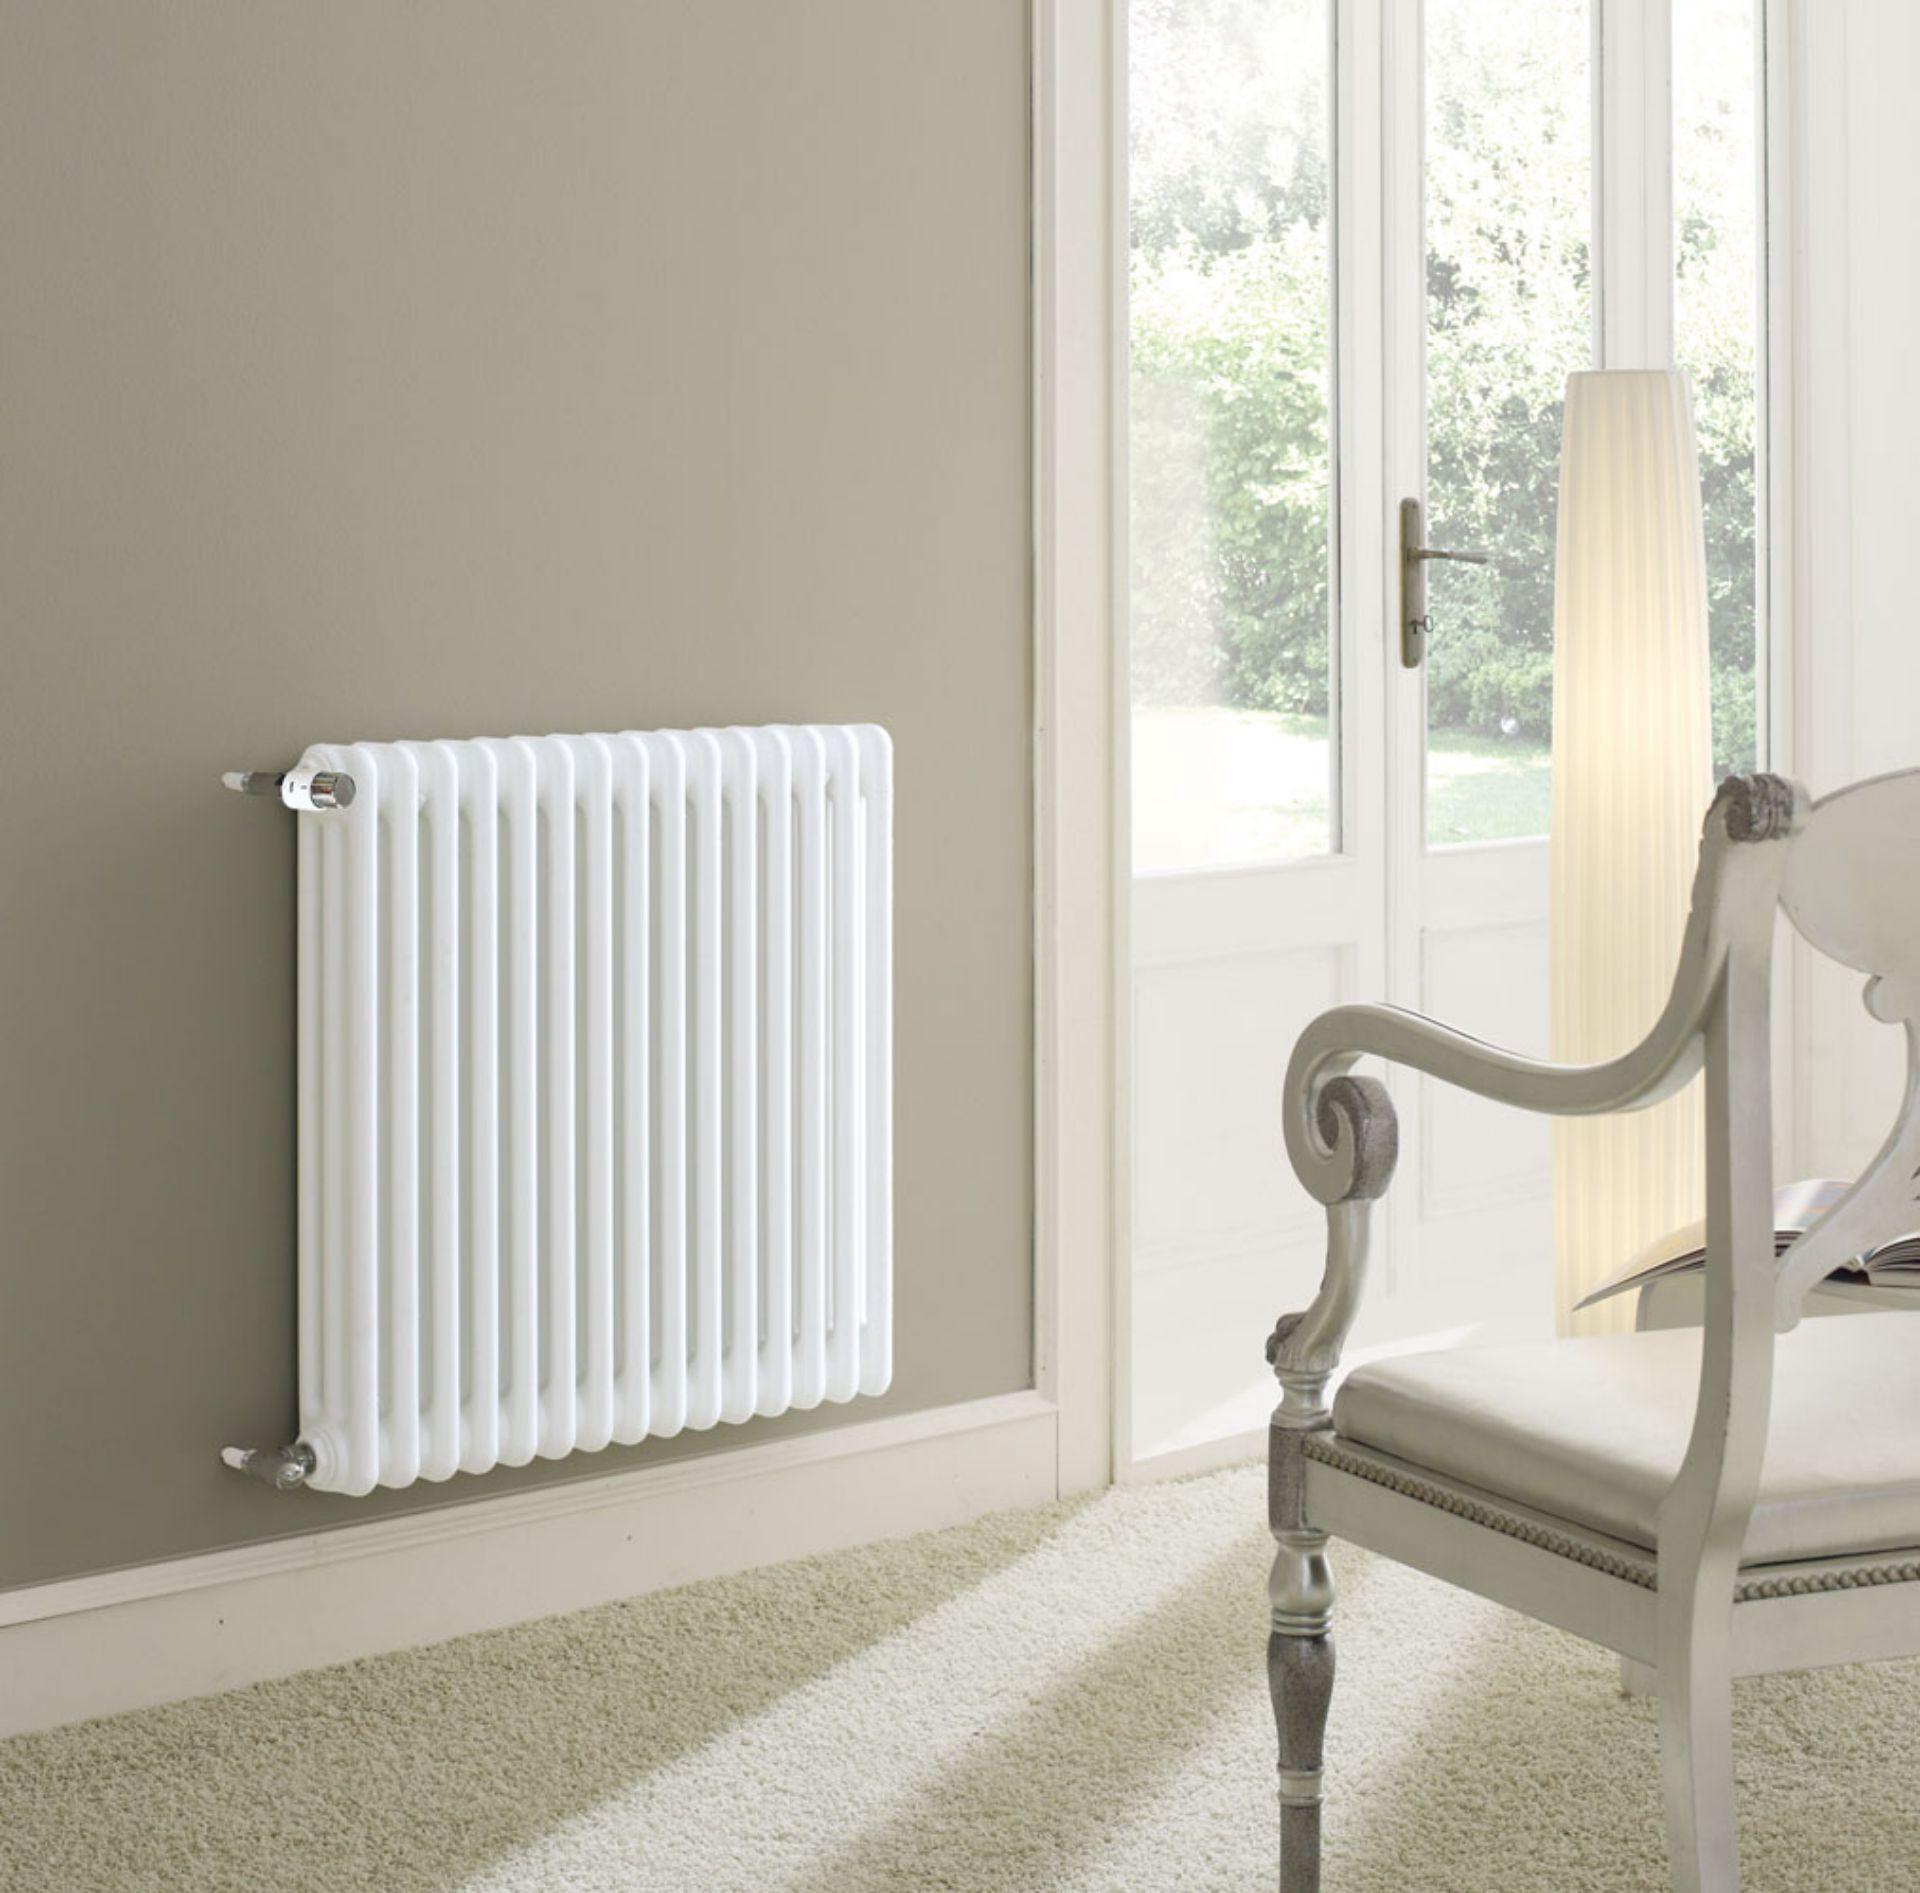 Радиаторы для центрального отопления: какие лучше выбрать и установить